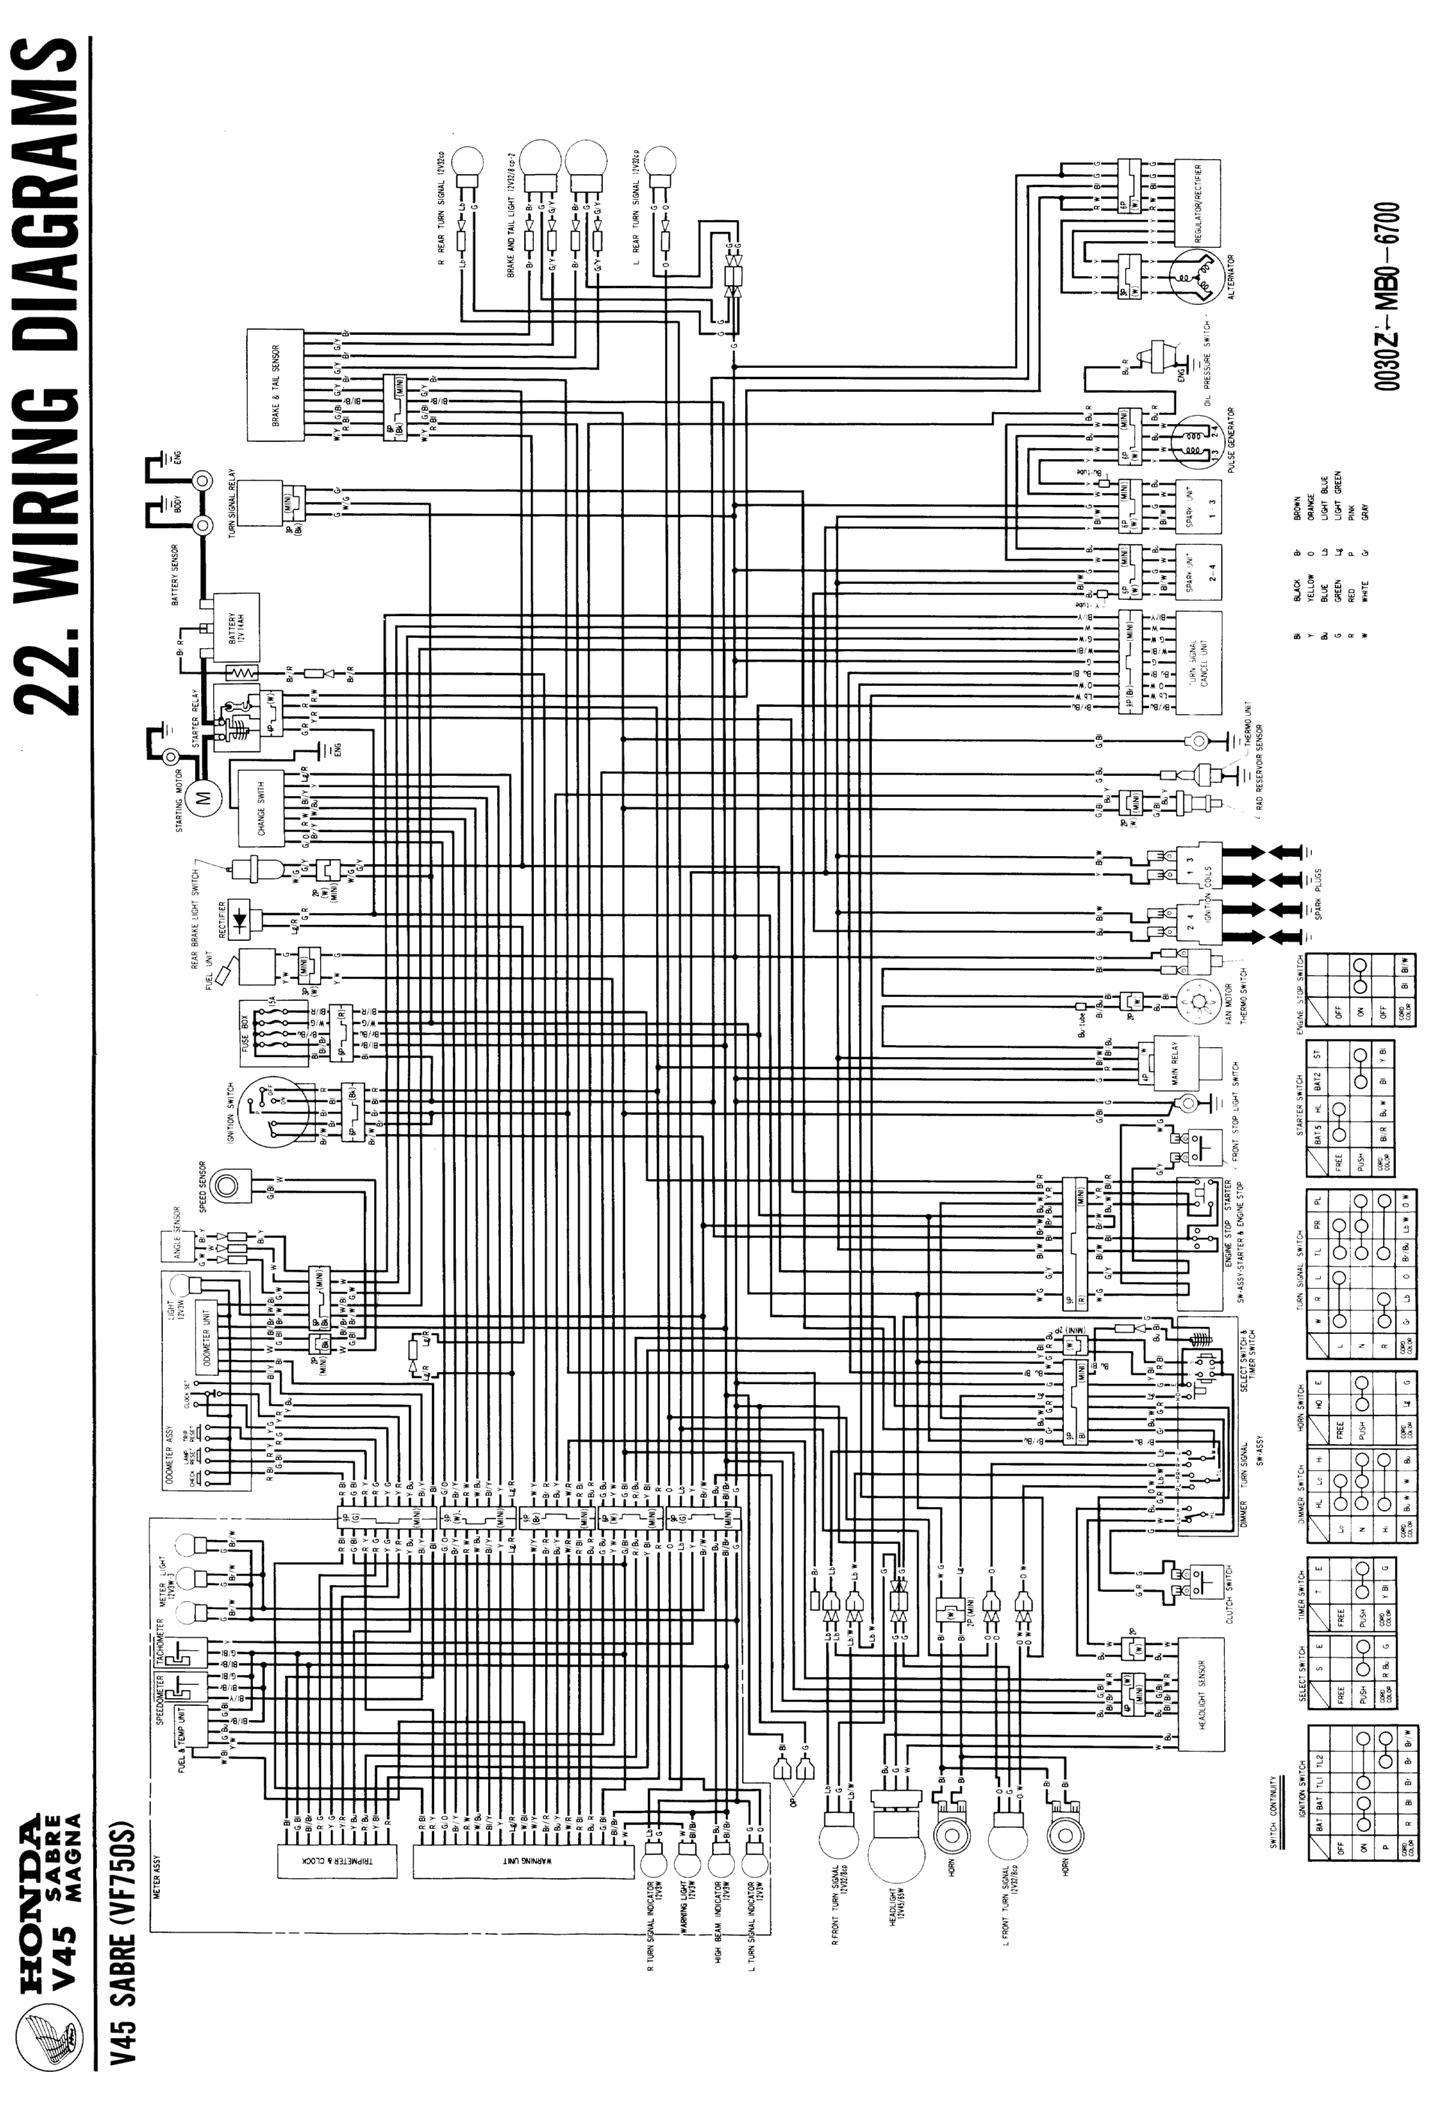 Sabre Wiring Diagram - Wiring Diagram Dash on john deere sabre spark plug, john deere sabre engine, john deere sabre shift linkage, john deere sabre headlights, john deere sabre electrical, john deere sabre diagram, john deere sabre battery, john deere sabre fuel line, john deere sabre transmission,